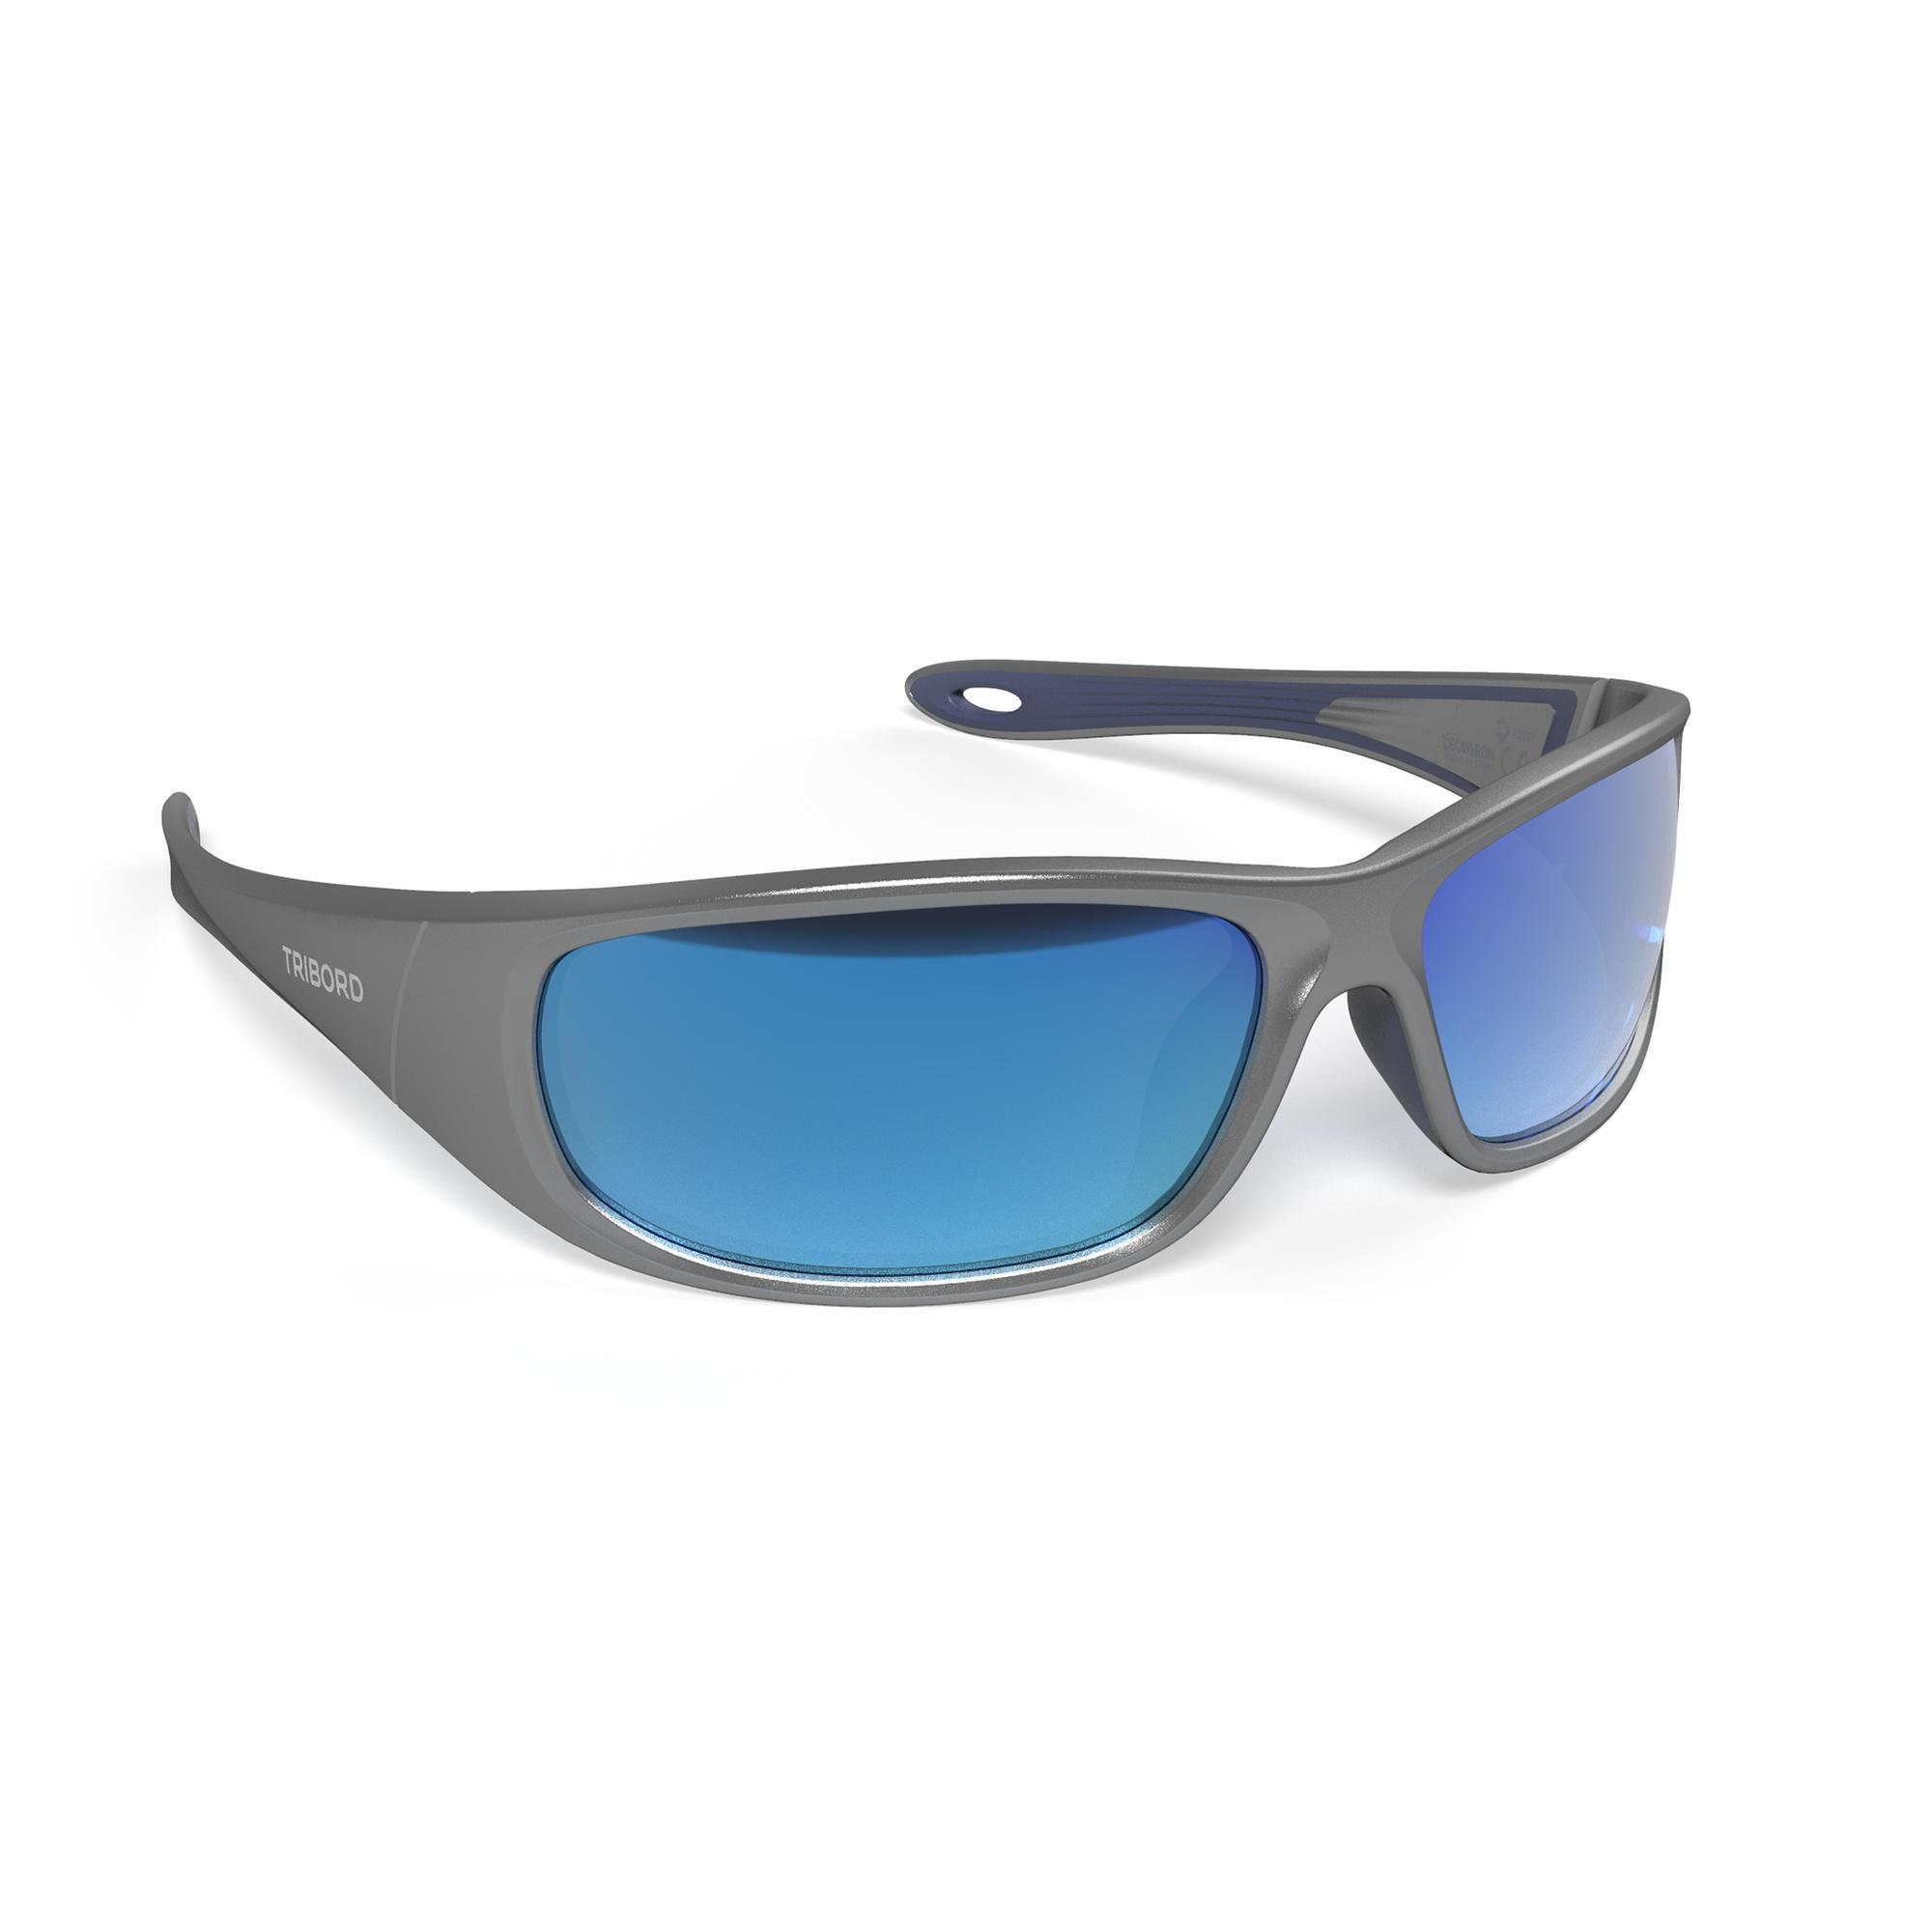 280e2fdde4 Comprar Gafas Polarizadas online | Decathlon